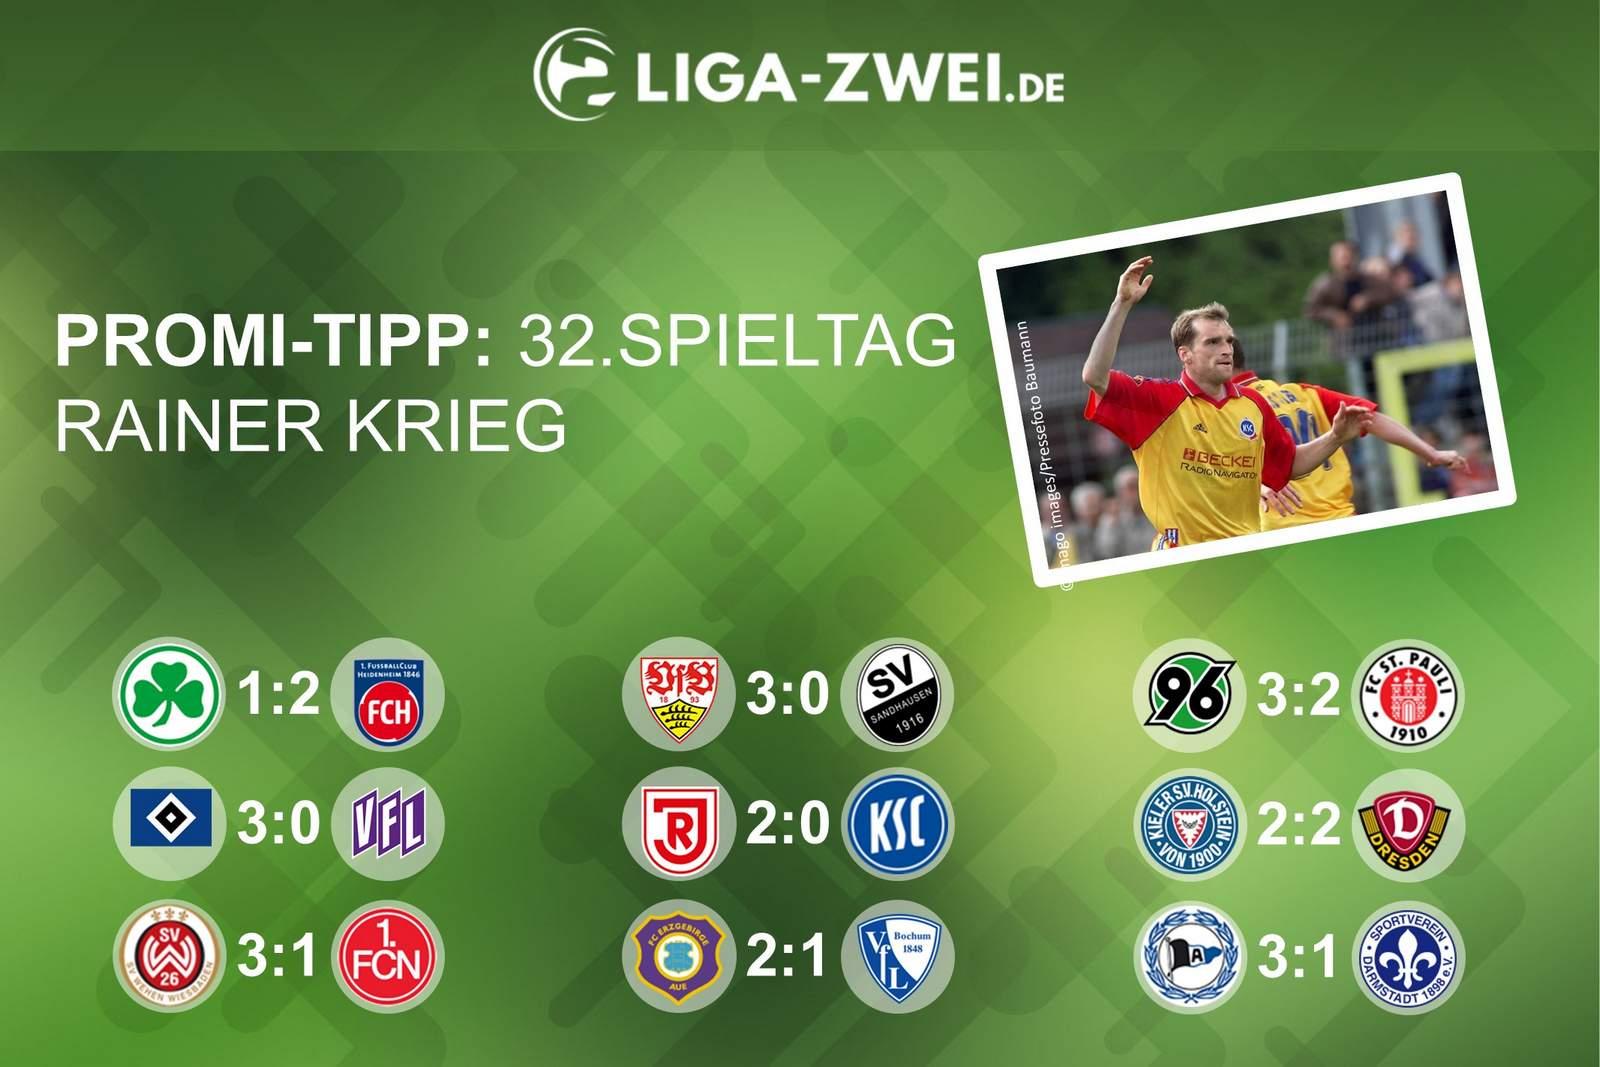 Rainer Krieg tippt den 32. Spieltag.